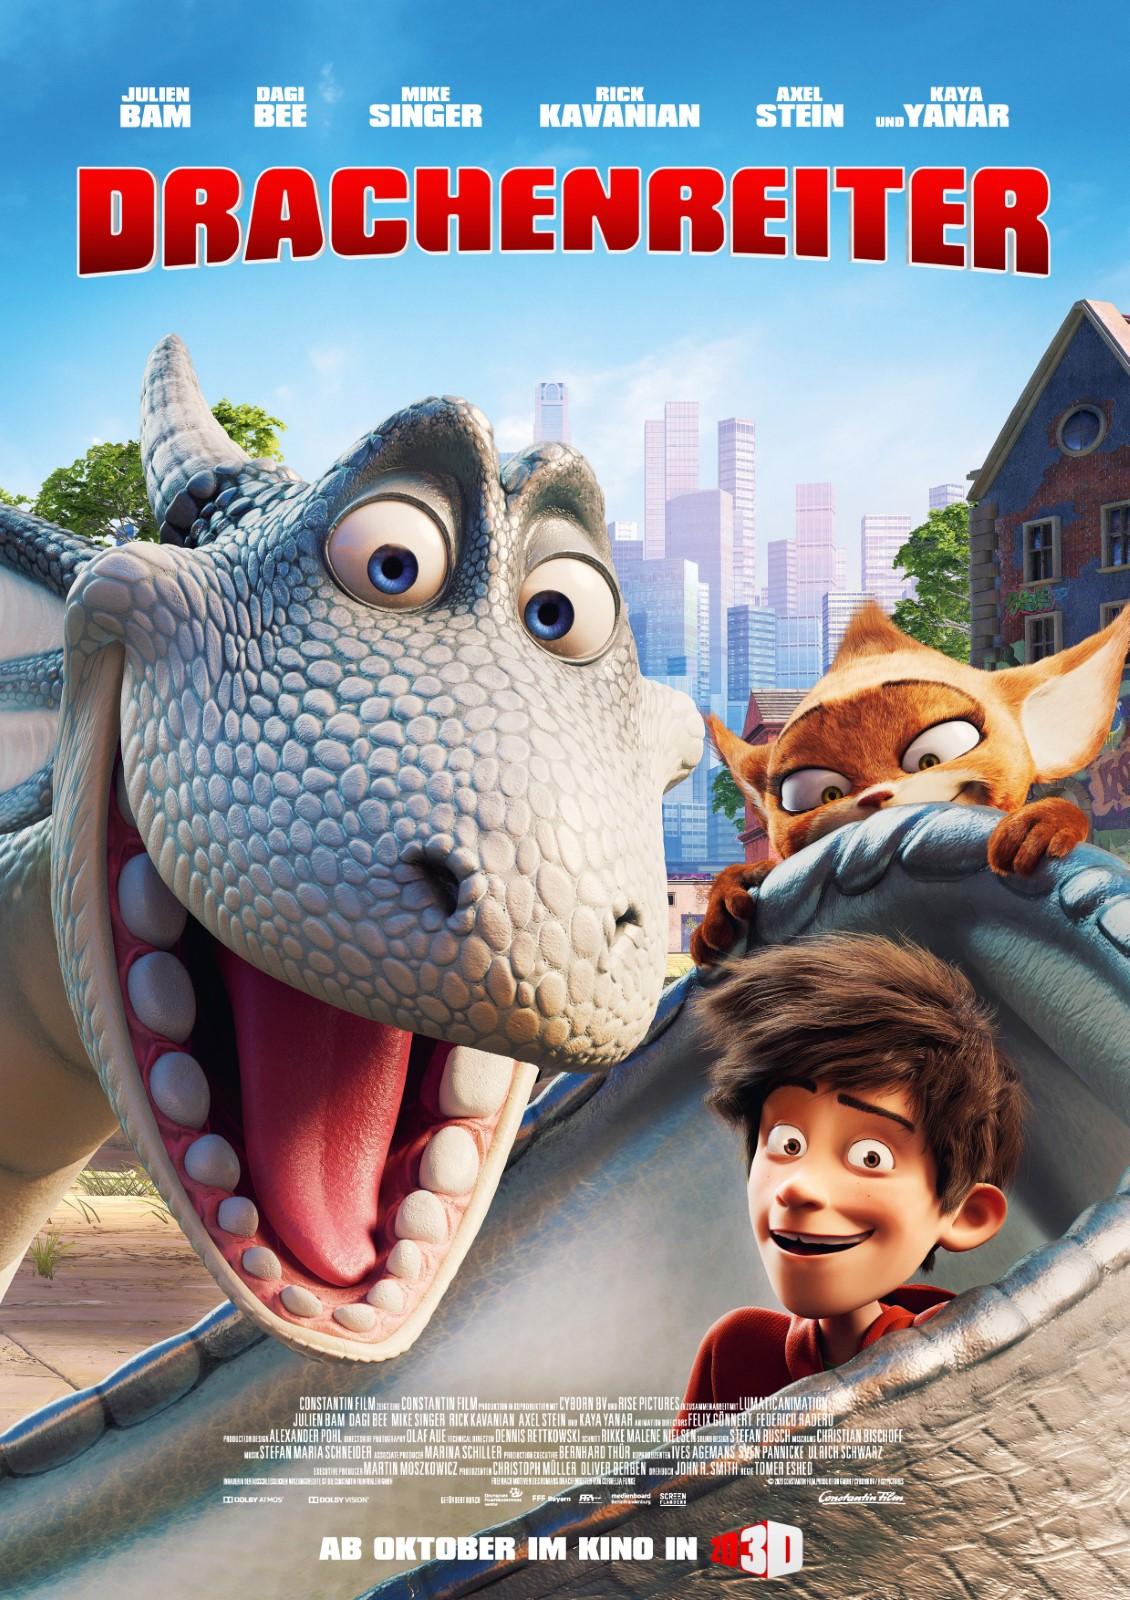 Drachenreiter Film 2020 Filmstarts De